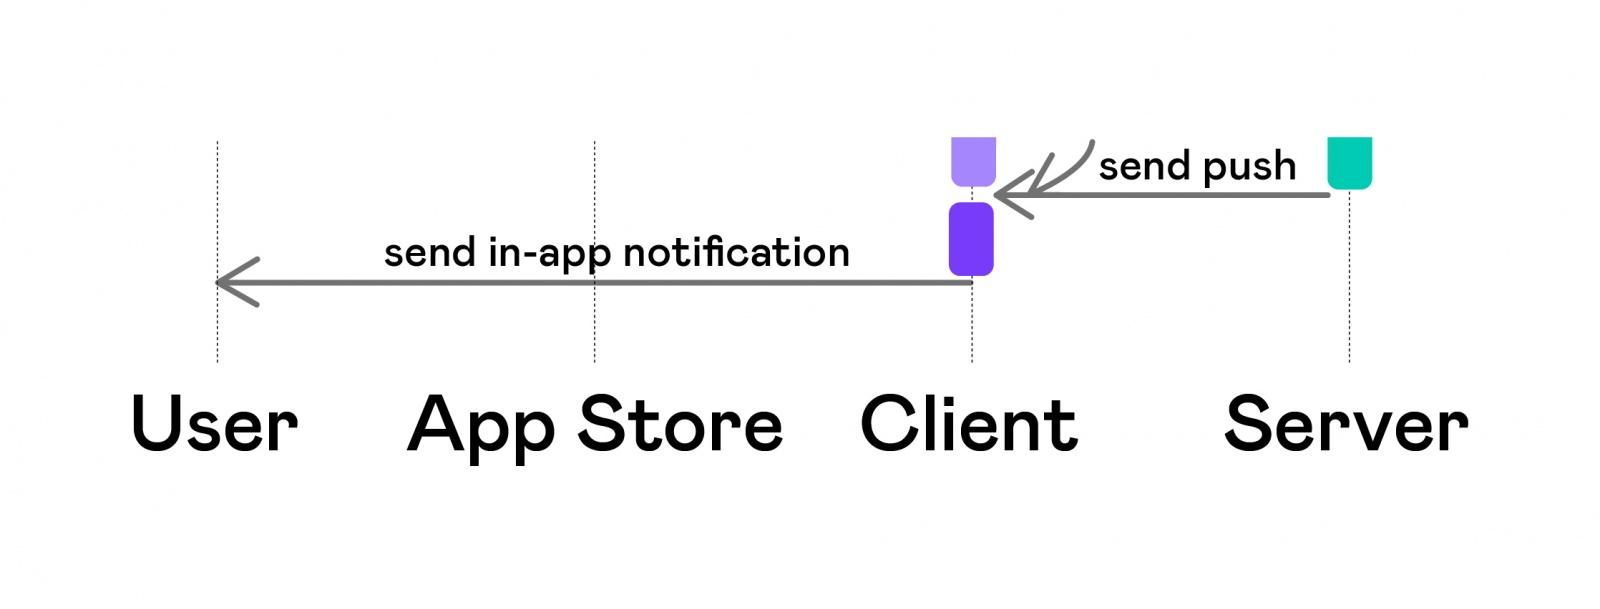 Автоматизация тестирования платных сервисов на iOS - 8